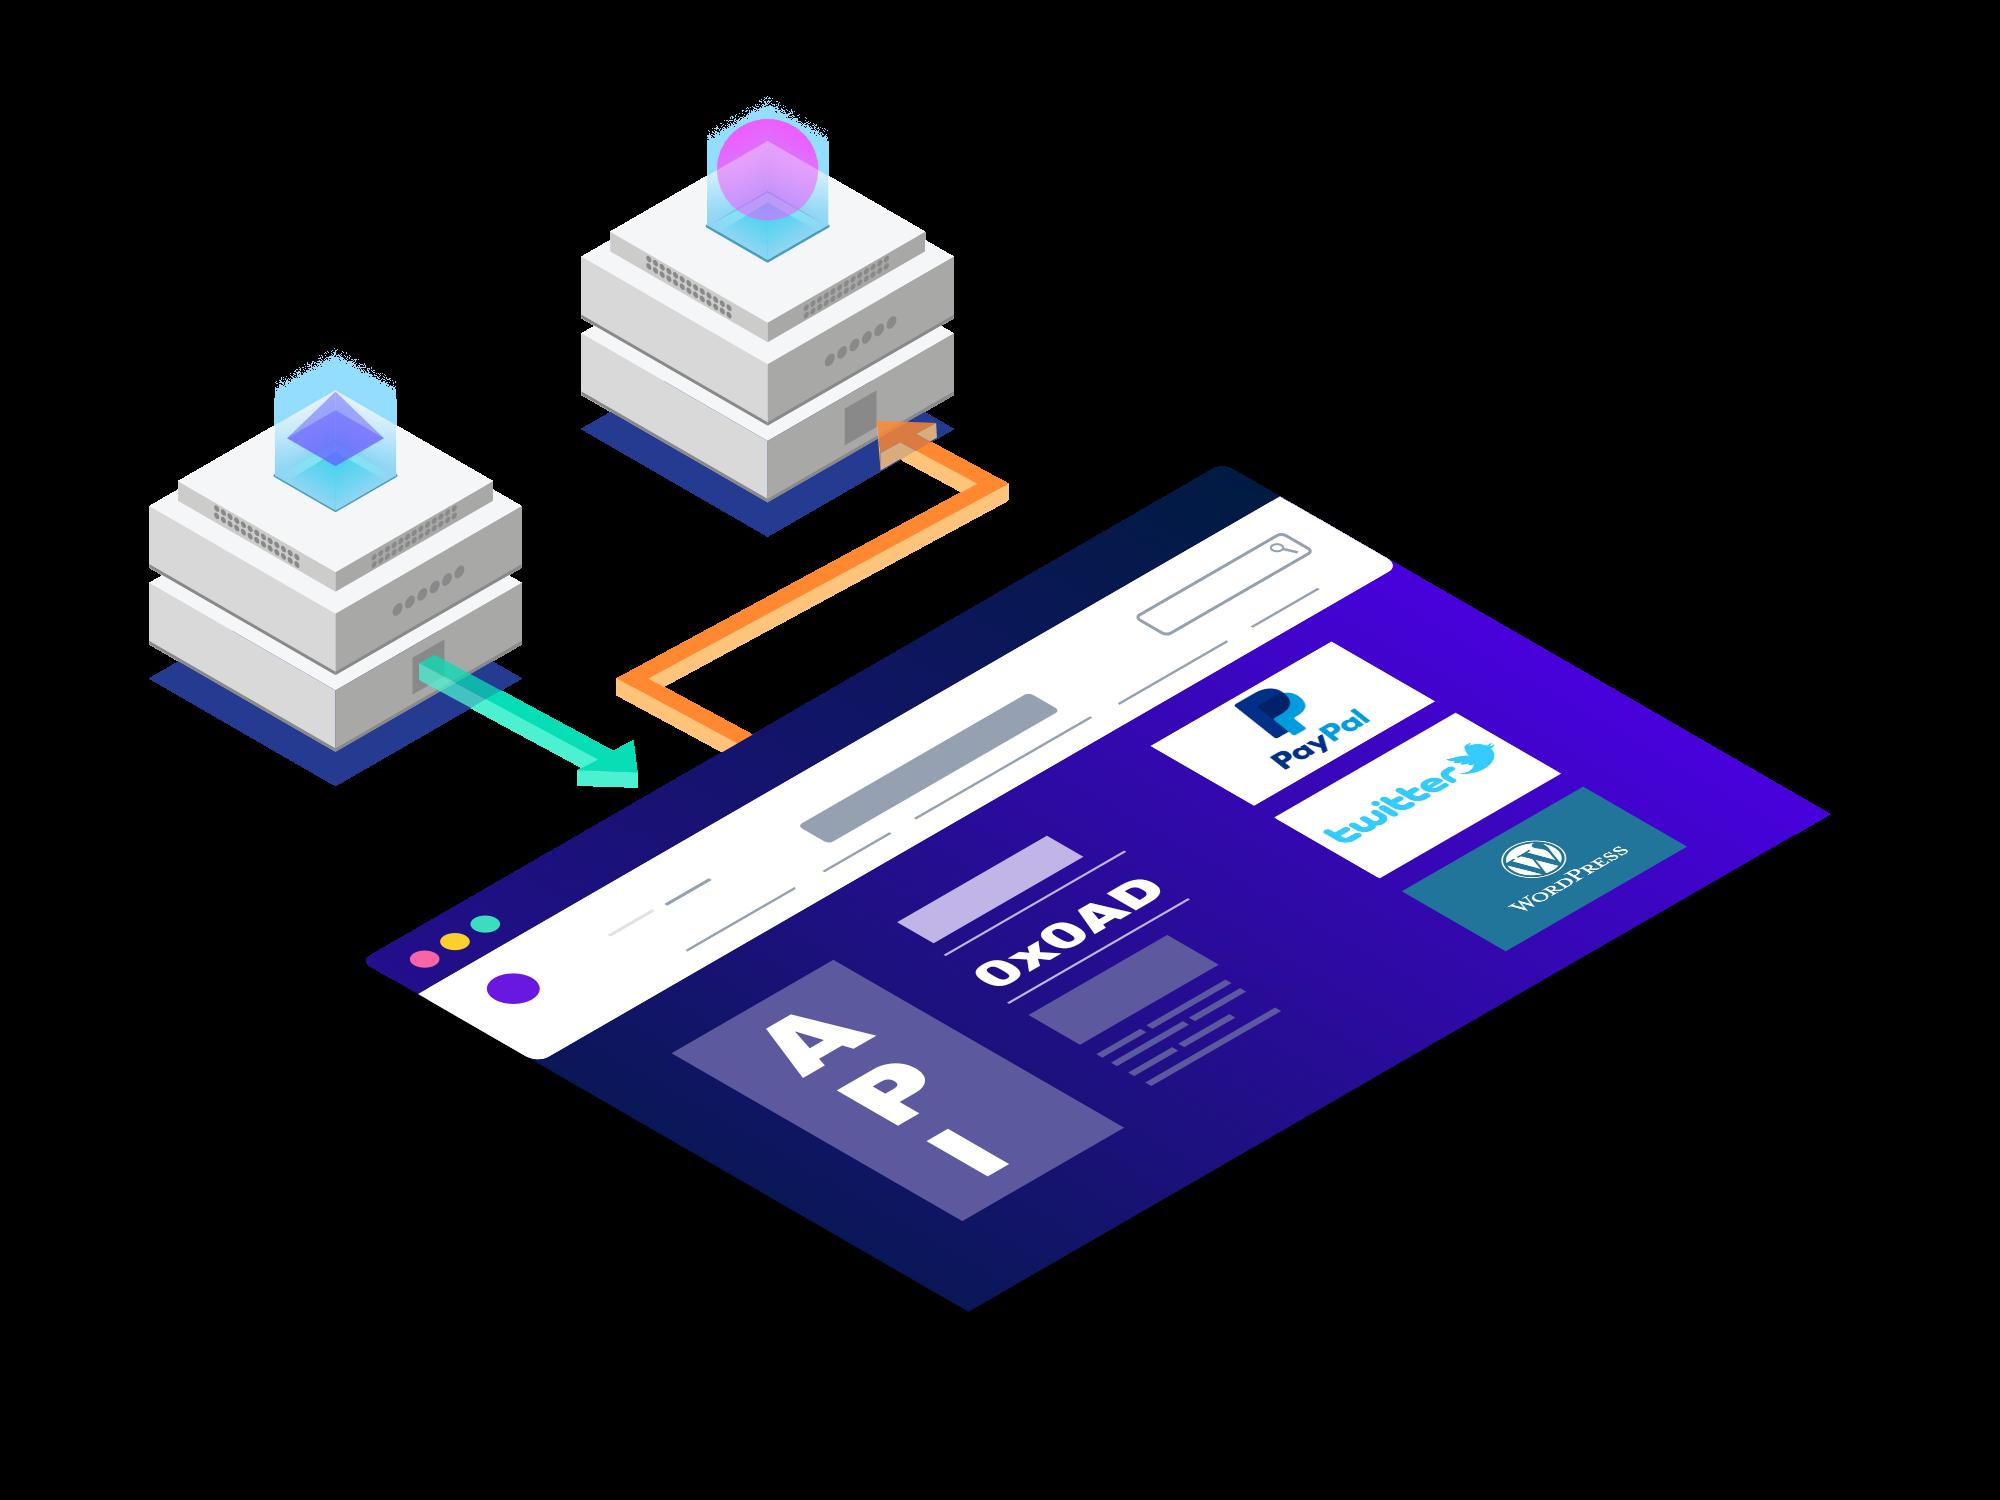 Isometrisches Bild zeigt die Funktionsweise von APIs und Frameworks in der Webentwicklung